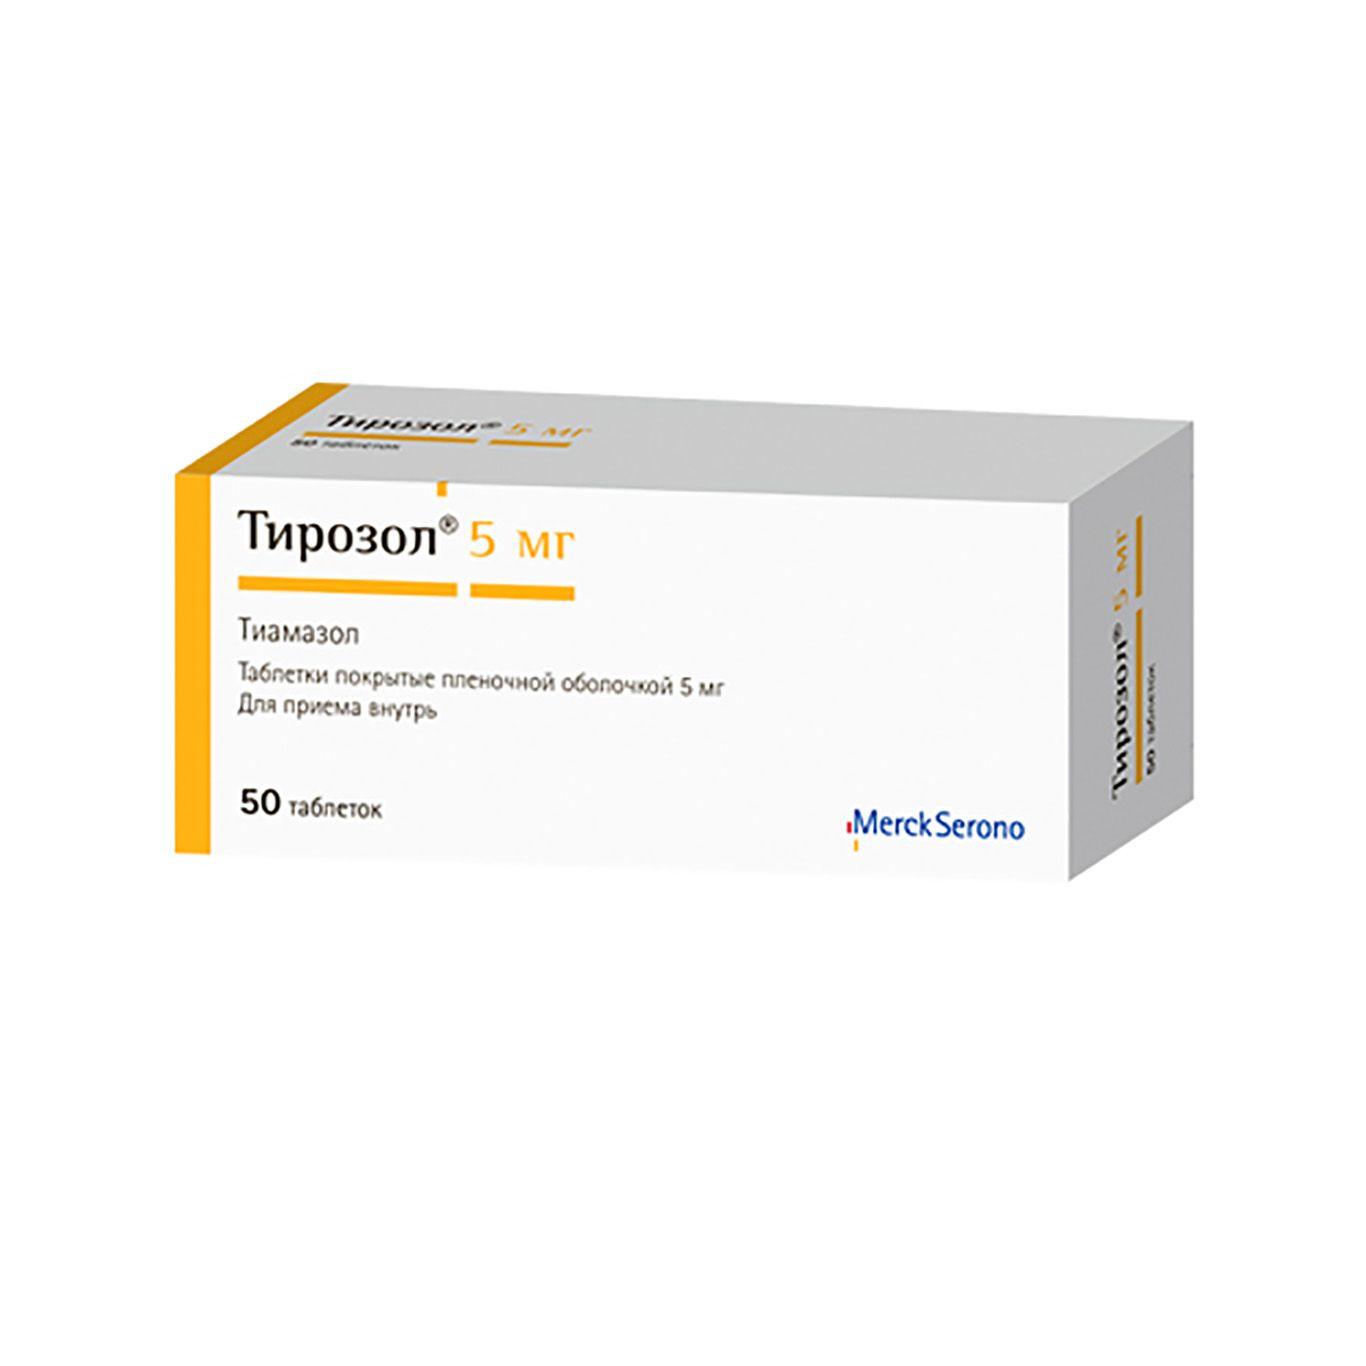 Тирозол, 5 мг, таблетки, покрытые пленочной оболочкой, 50 шт.